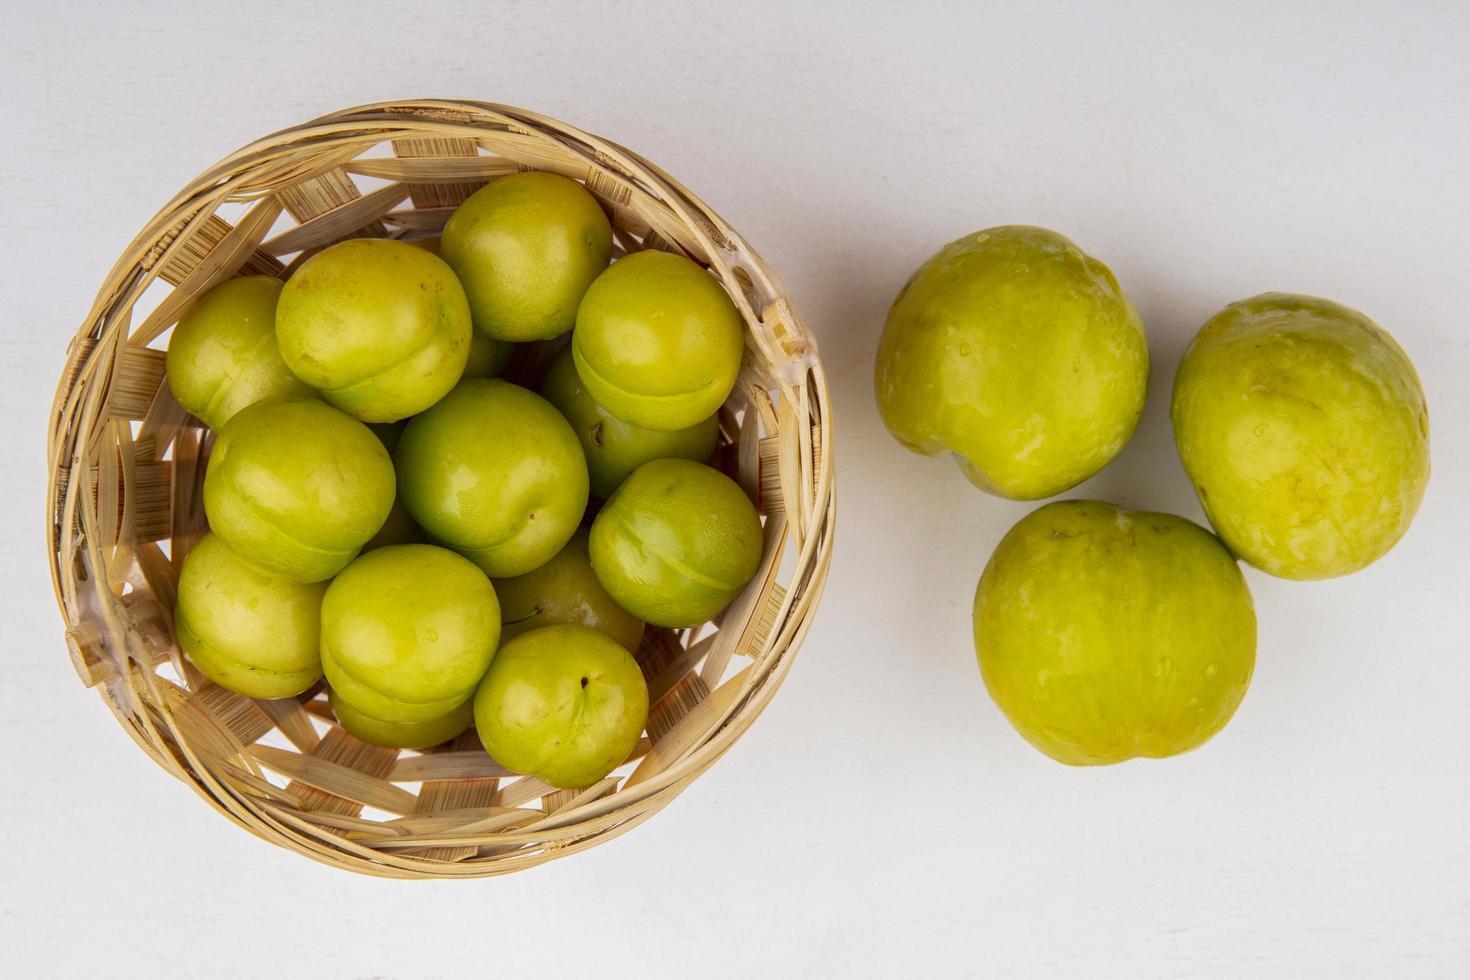 Vue de dessus des prunes dans le panier et pluots verts sur fond blanc photo